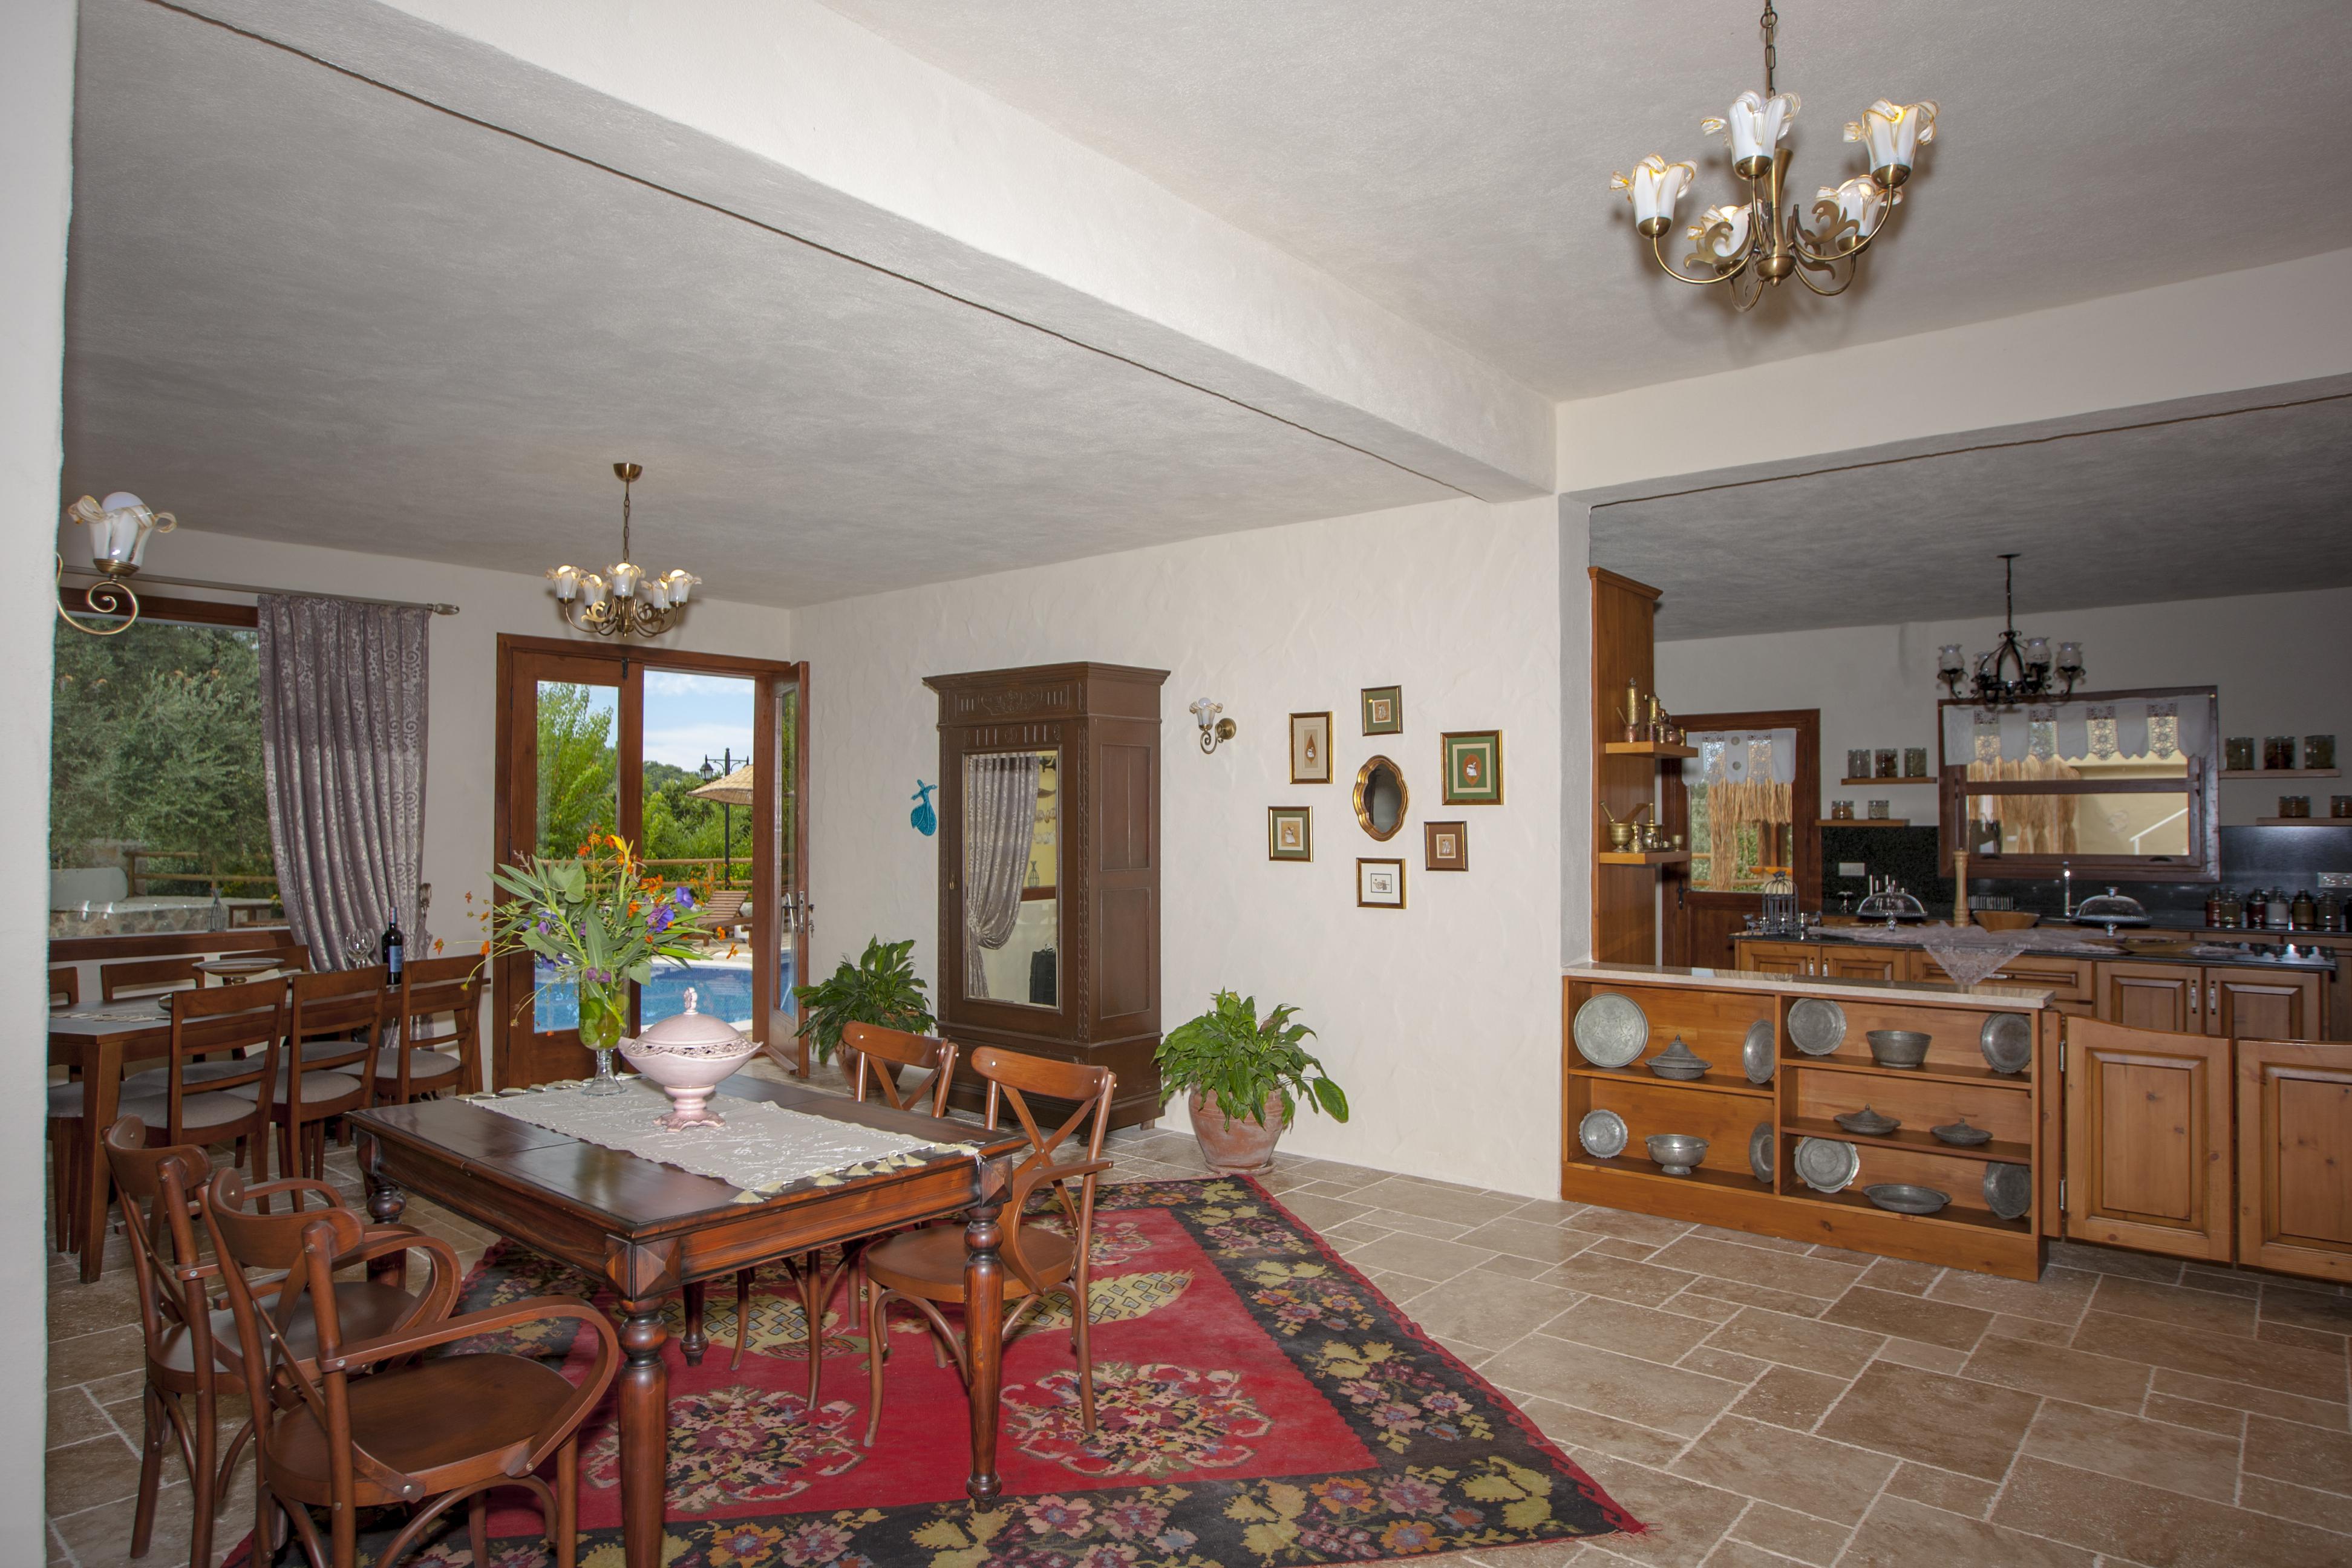 Appartement de vacances Luxuriöse Unterkunft und persönliches Ambiente in unzerstörter Natur. (2636883), Fethiye, , Région Egéenne, Turquie, image 8